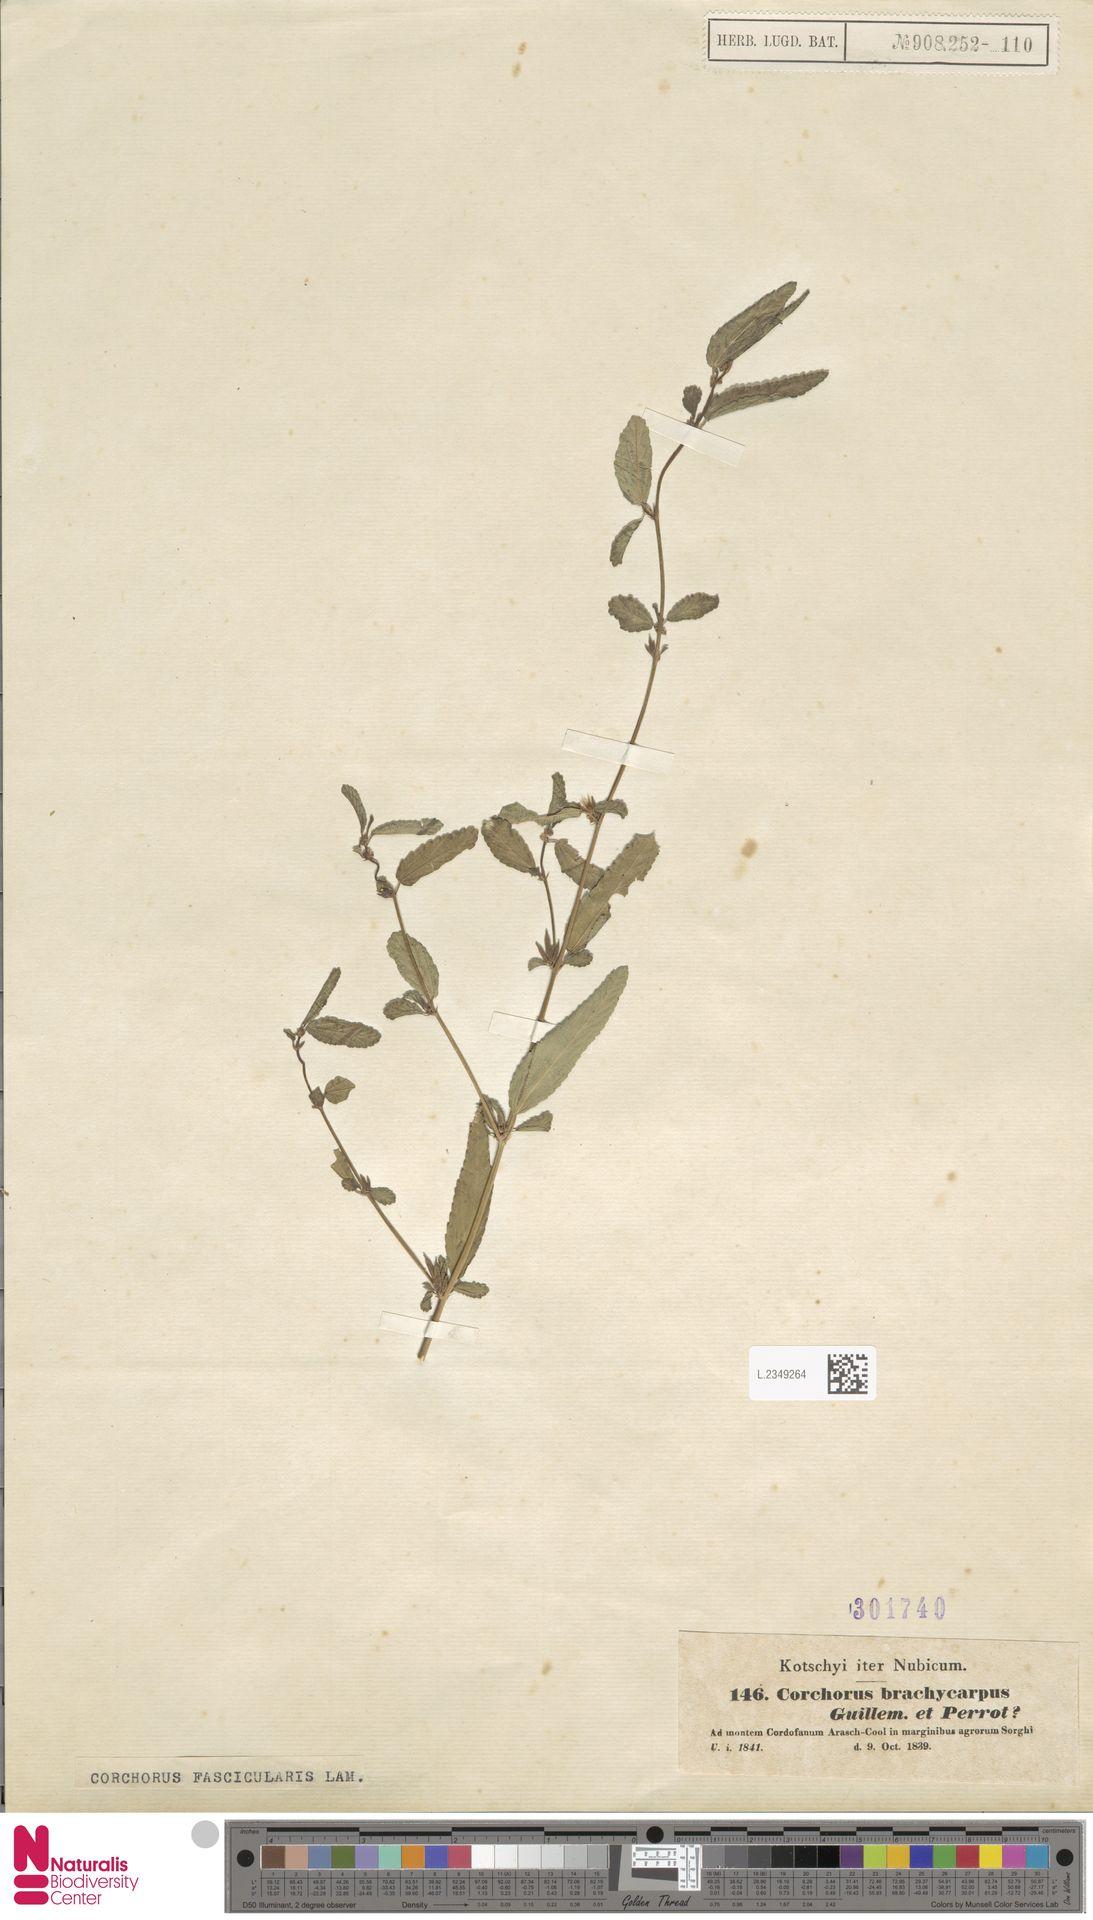 L.2349264 | Corchorus fascicularis Lam.